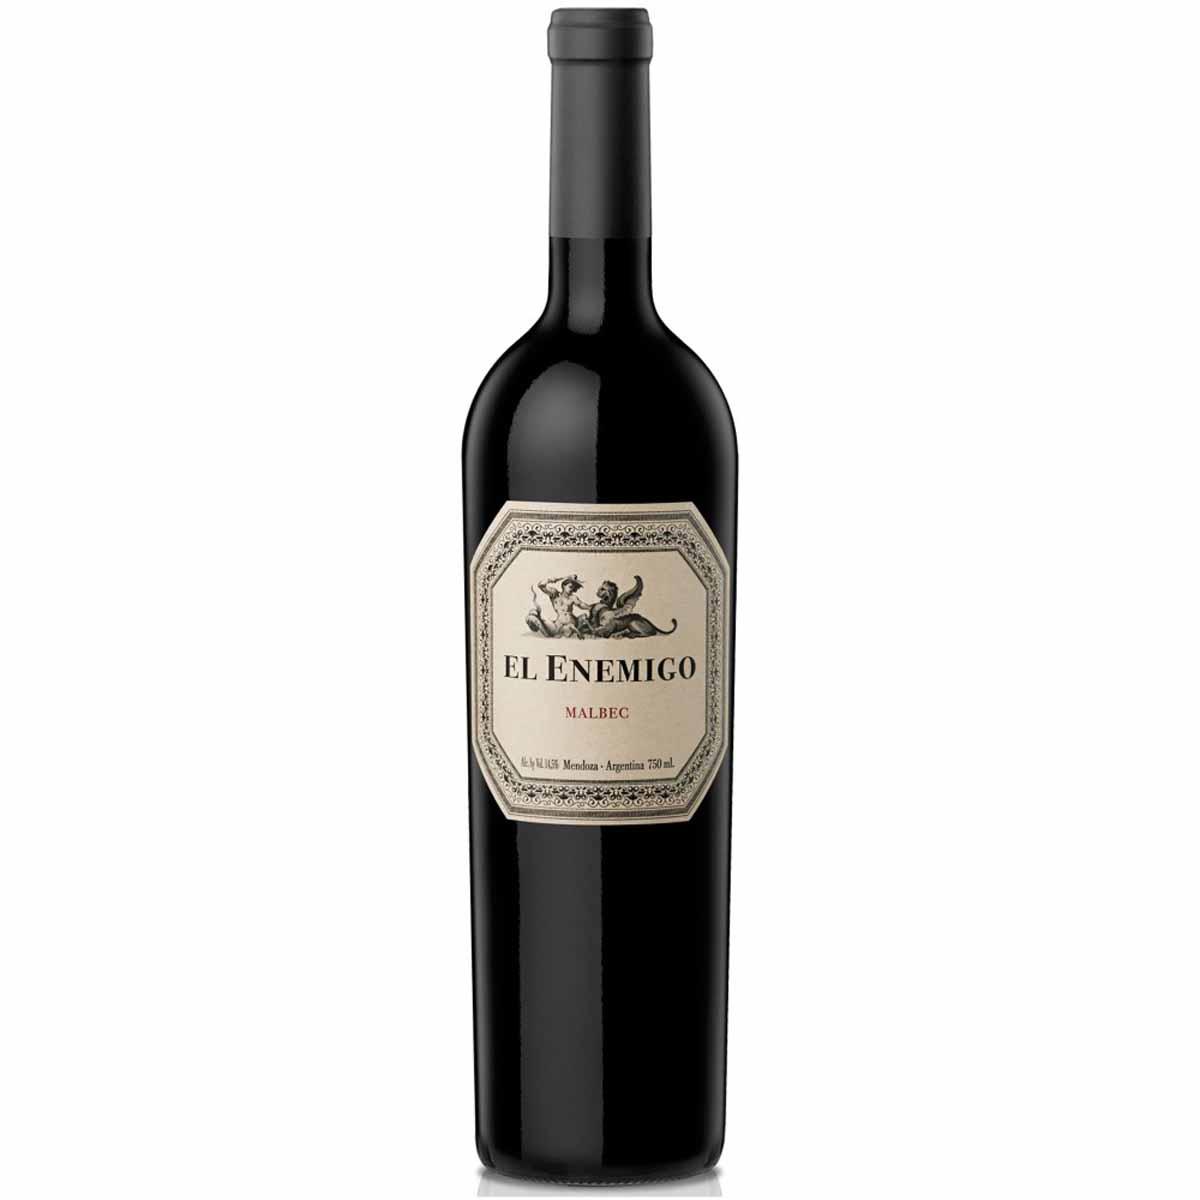 Vinho Argentino Tinto El Enemigo Malbec 2016 Catena Zapata